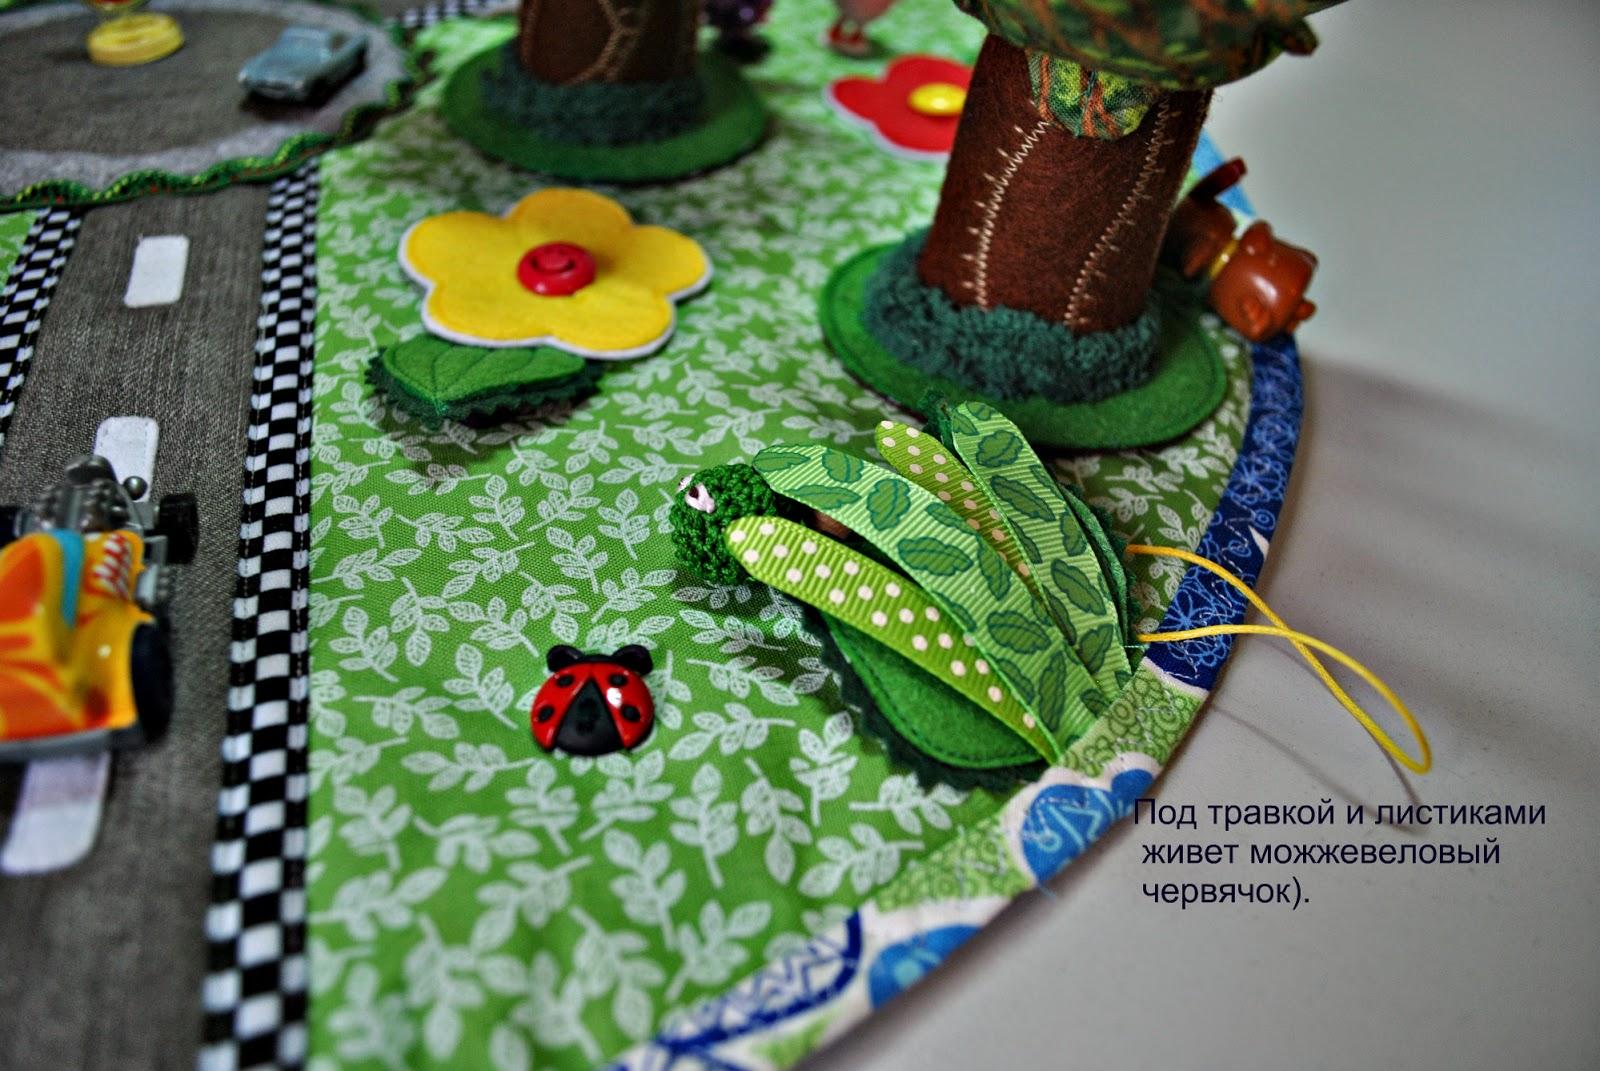 тактильный, ранее развитие, мелкая моторика, цветовое и слуховое восприятие, Развивающая полянка для мальчика, детский развивающий коврик, развивающий коврик